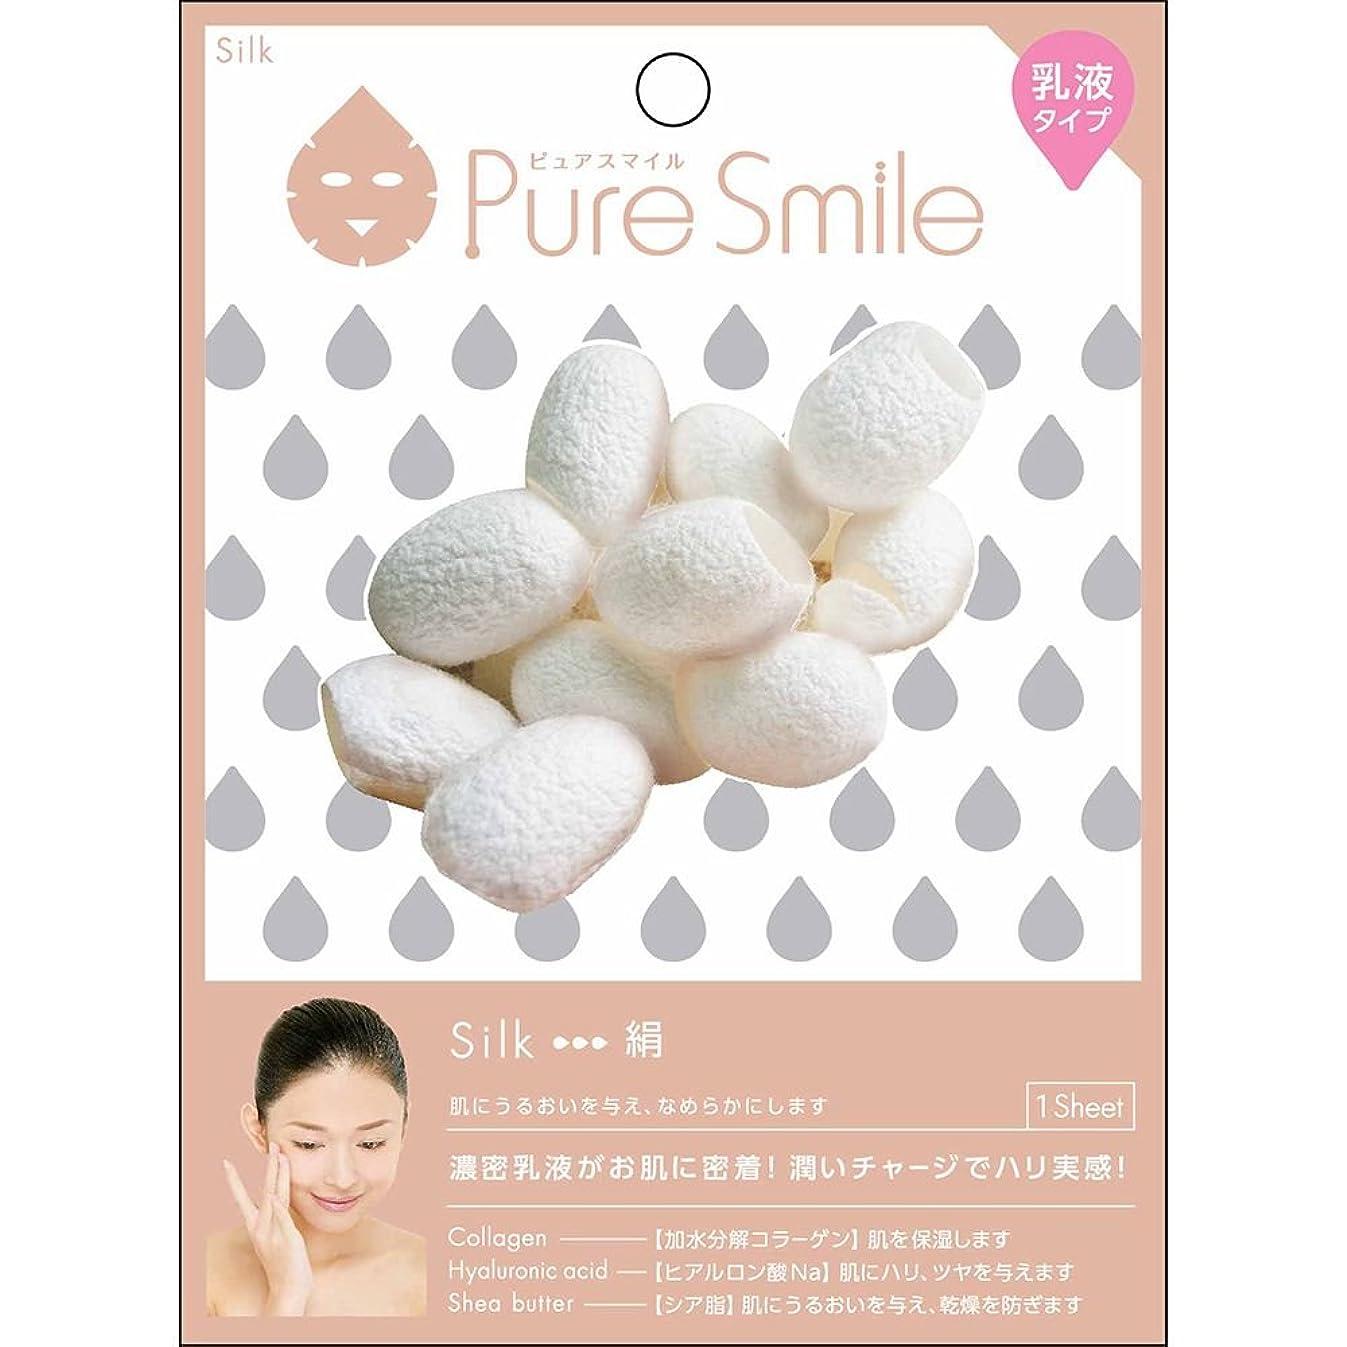 プレフィックス湿度出くわすPure Smile(ピュアスマイル) 乳液エッセンスマスク 1 枚 絹